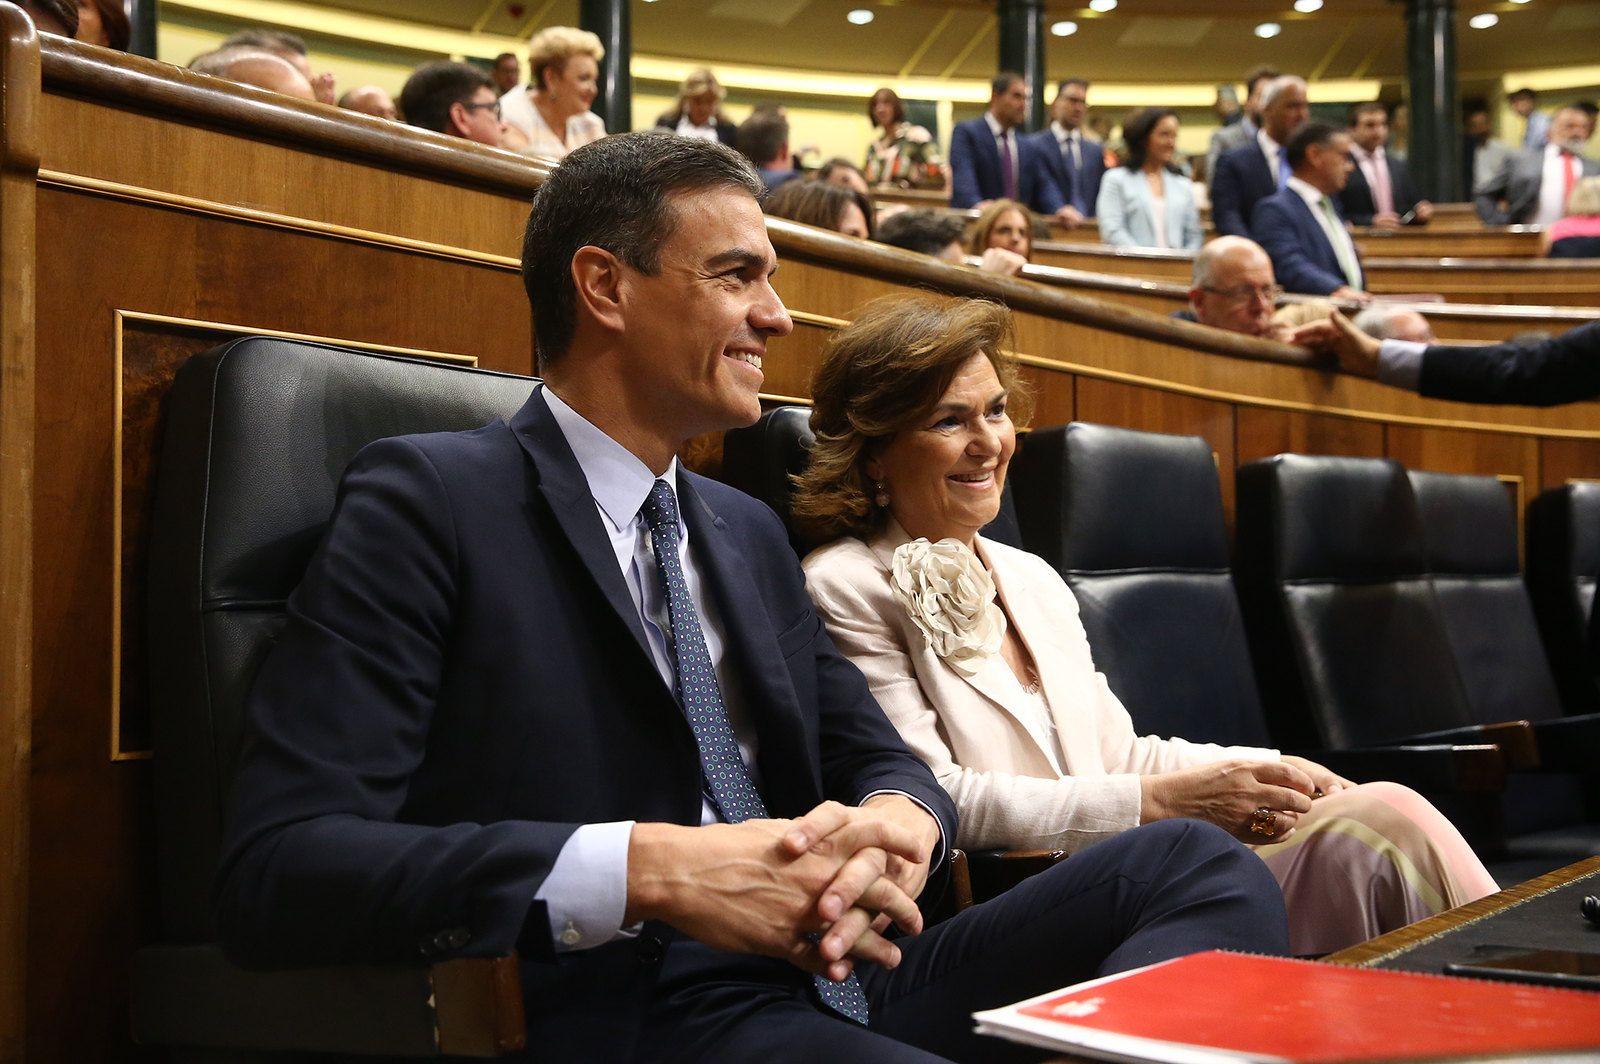 El presidente del Gobierno, Pedro Sánchez, junto a la vicepresidenta del Gobierno Carmen Calvo. FOTO: MONCLOA